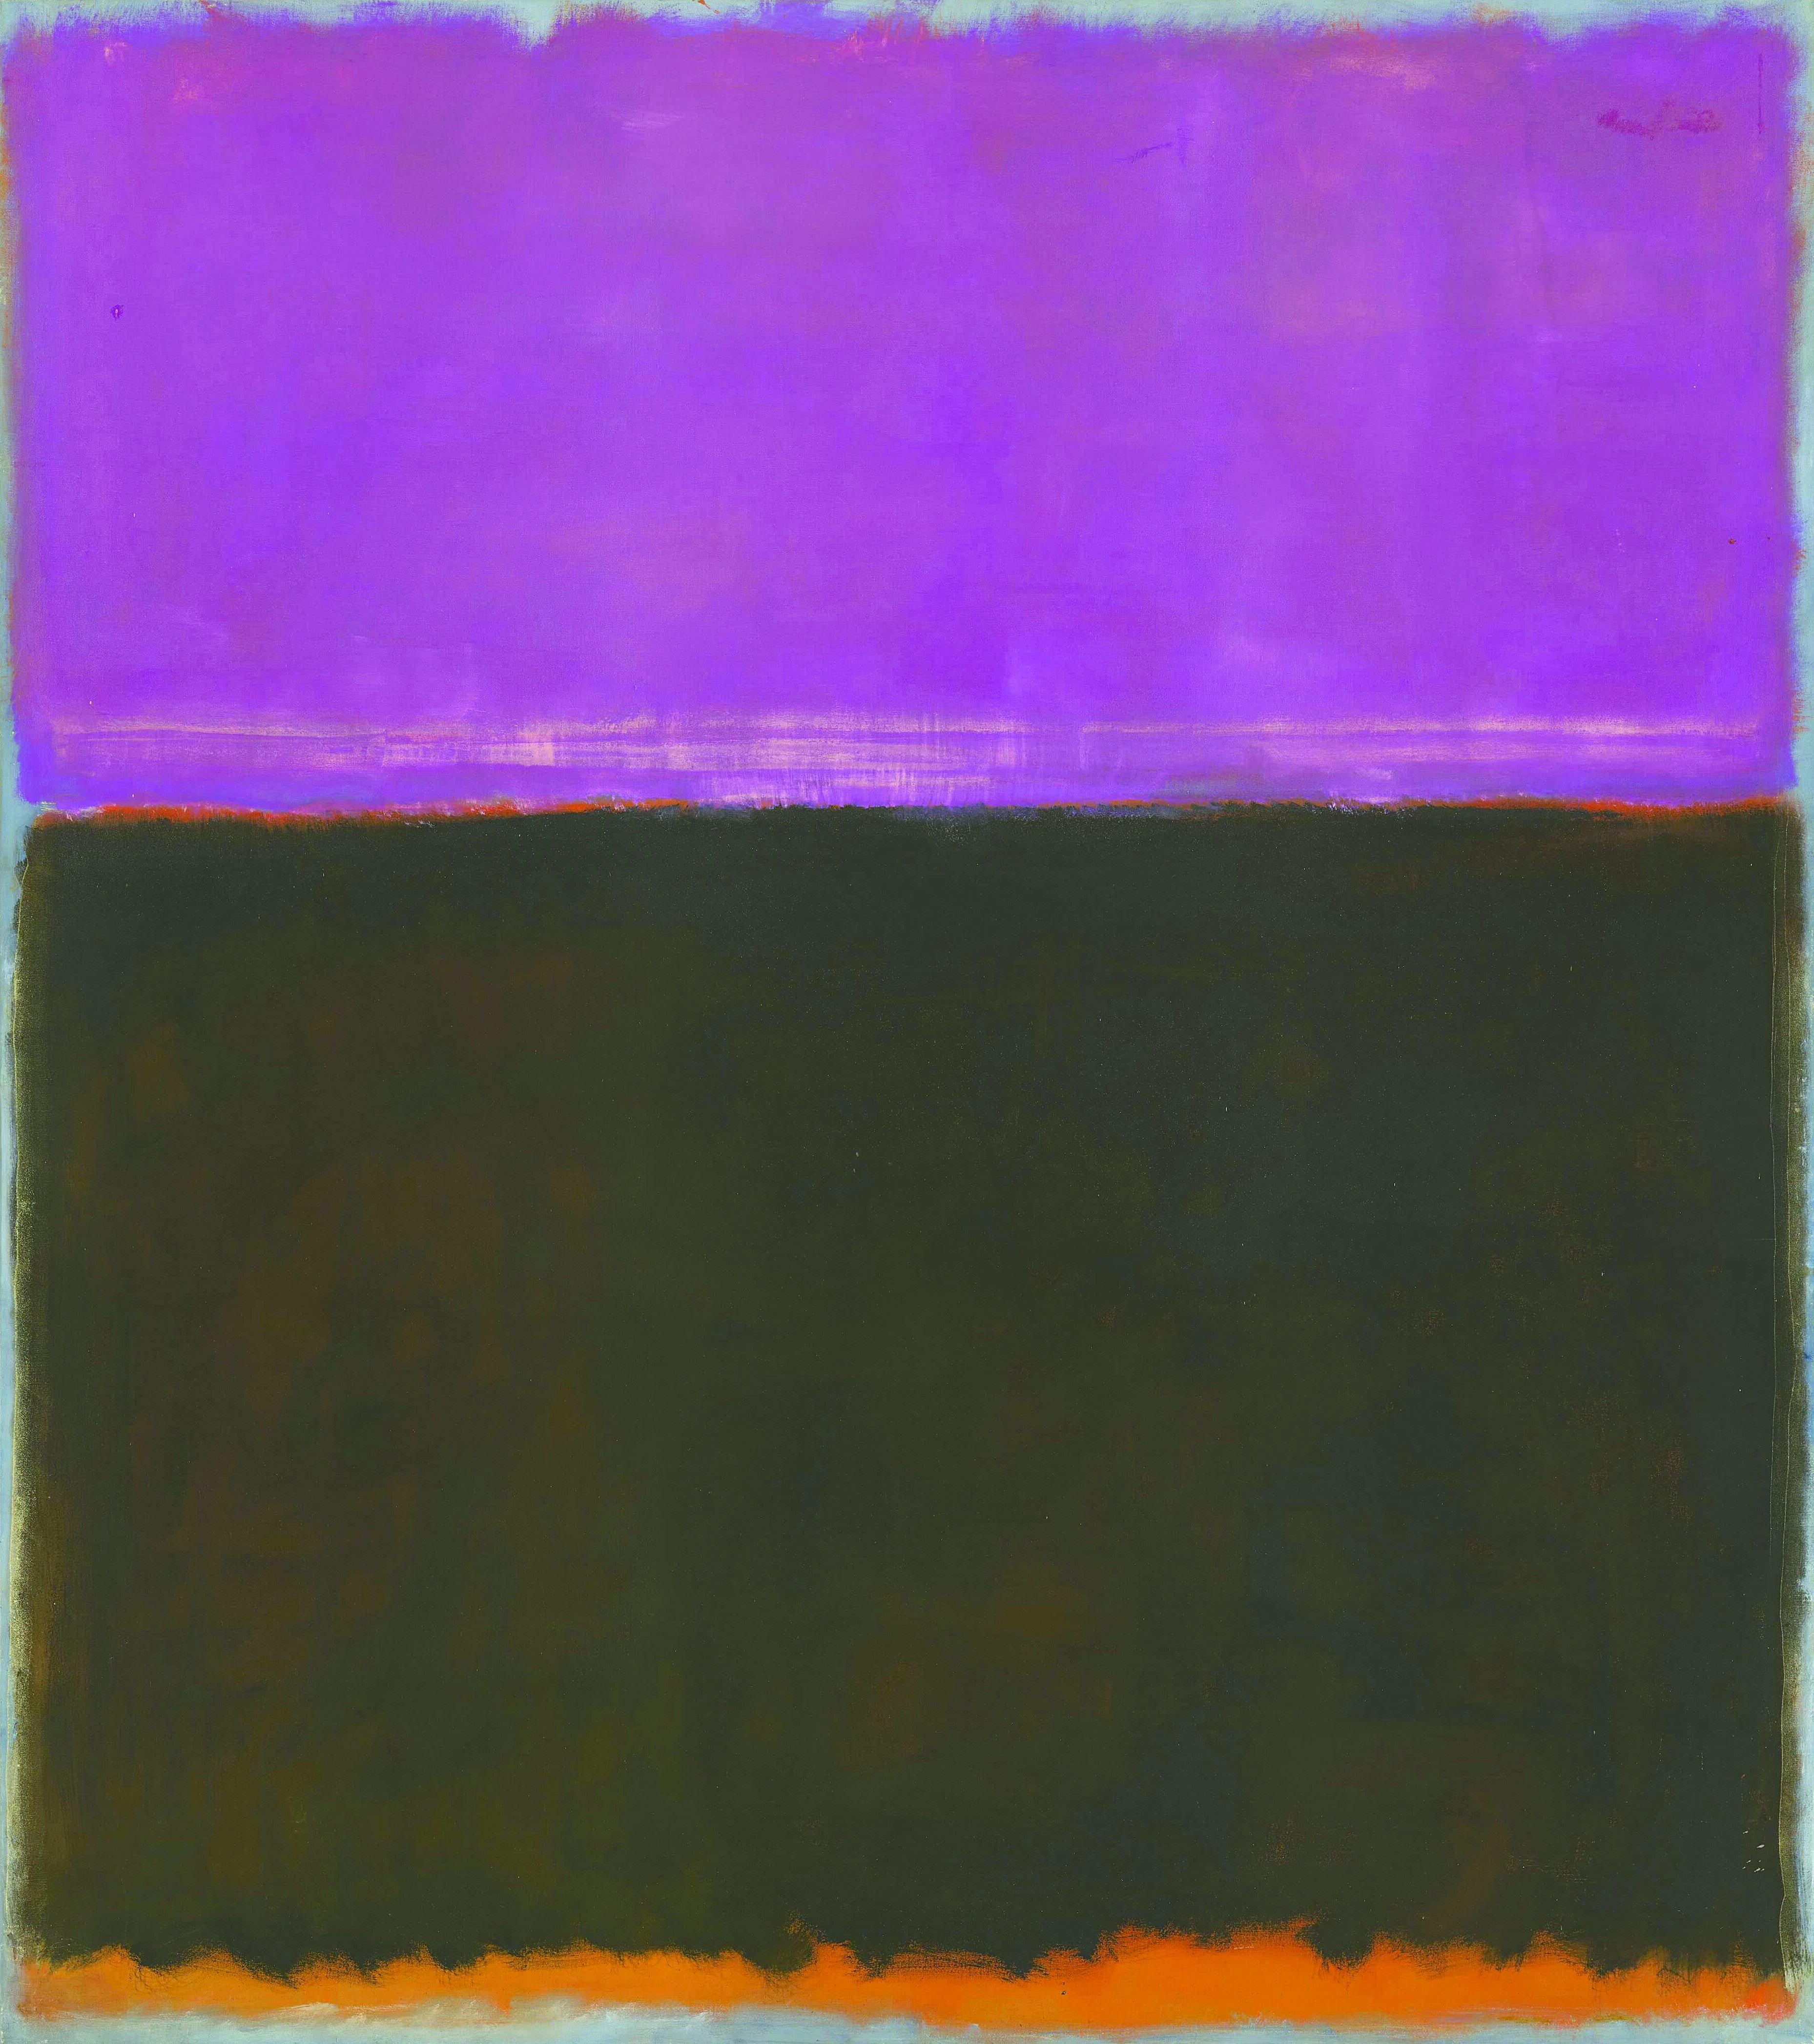 마크 로스코 '무제'(1953) Mark Rothko